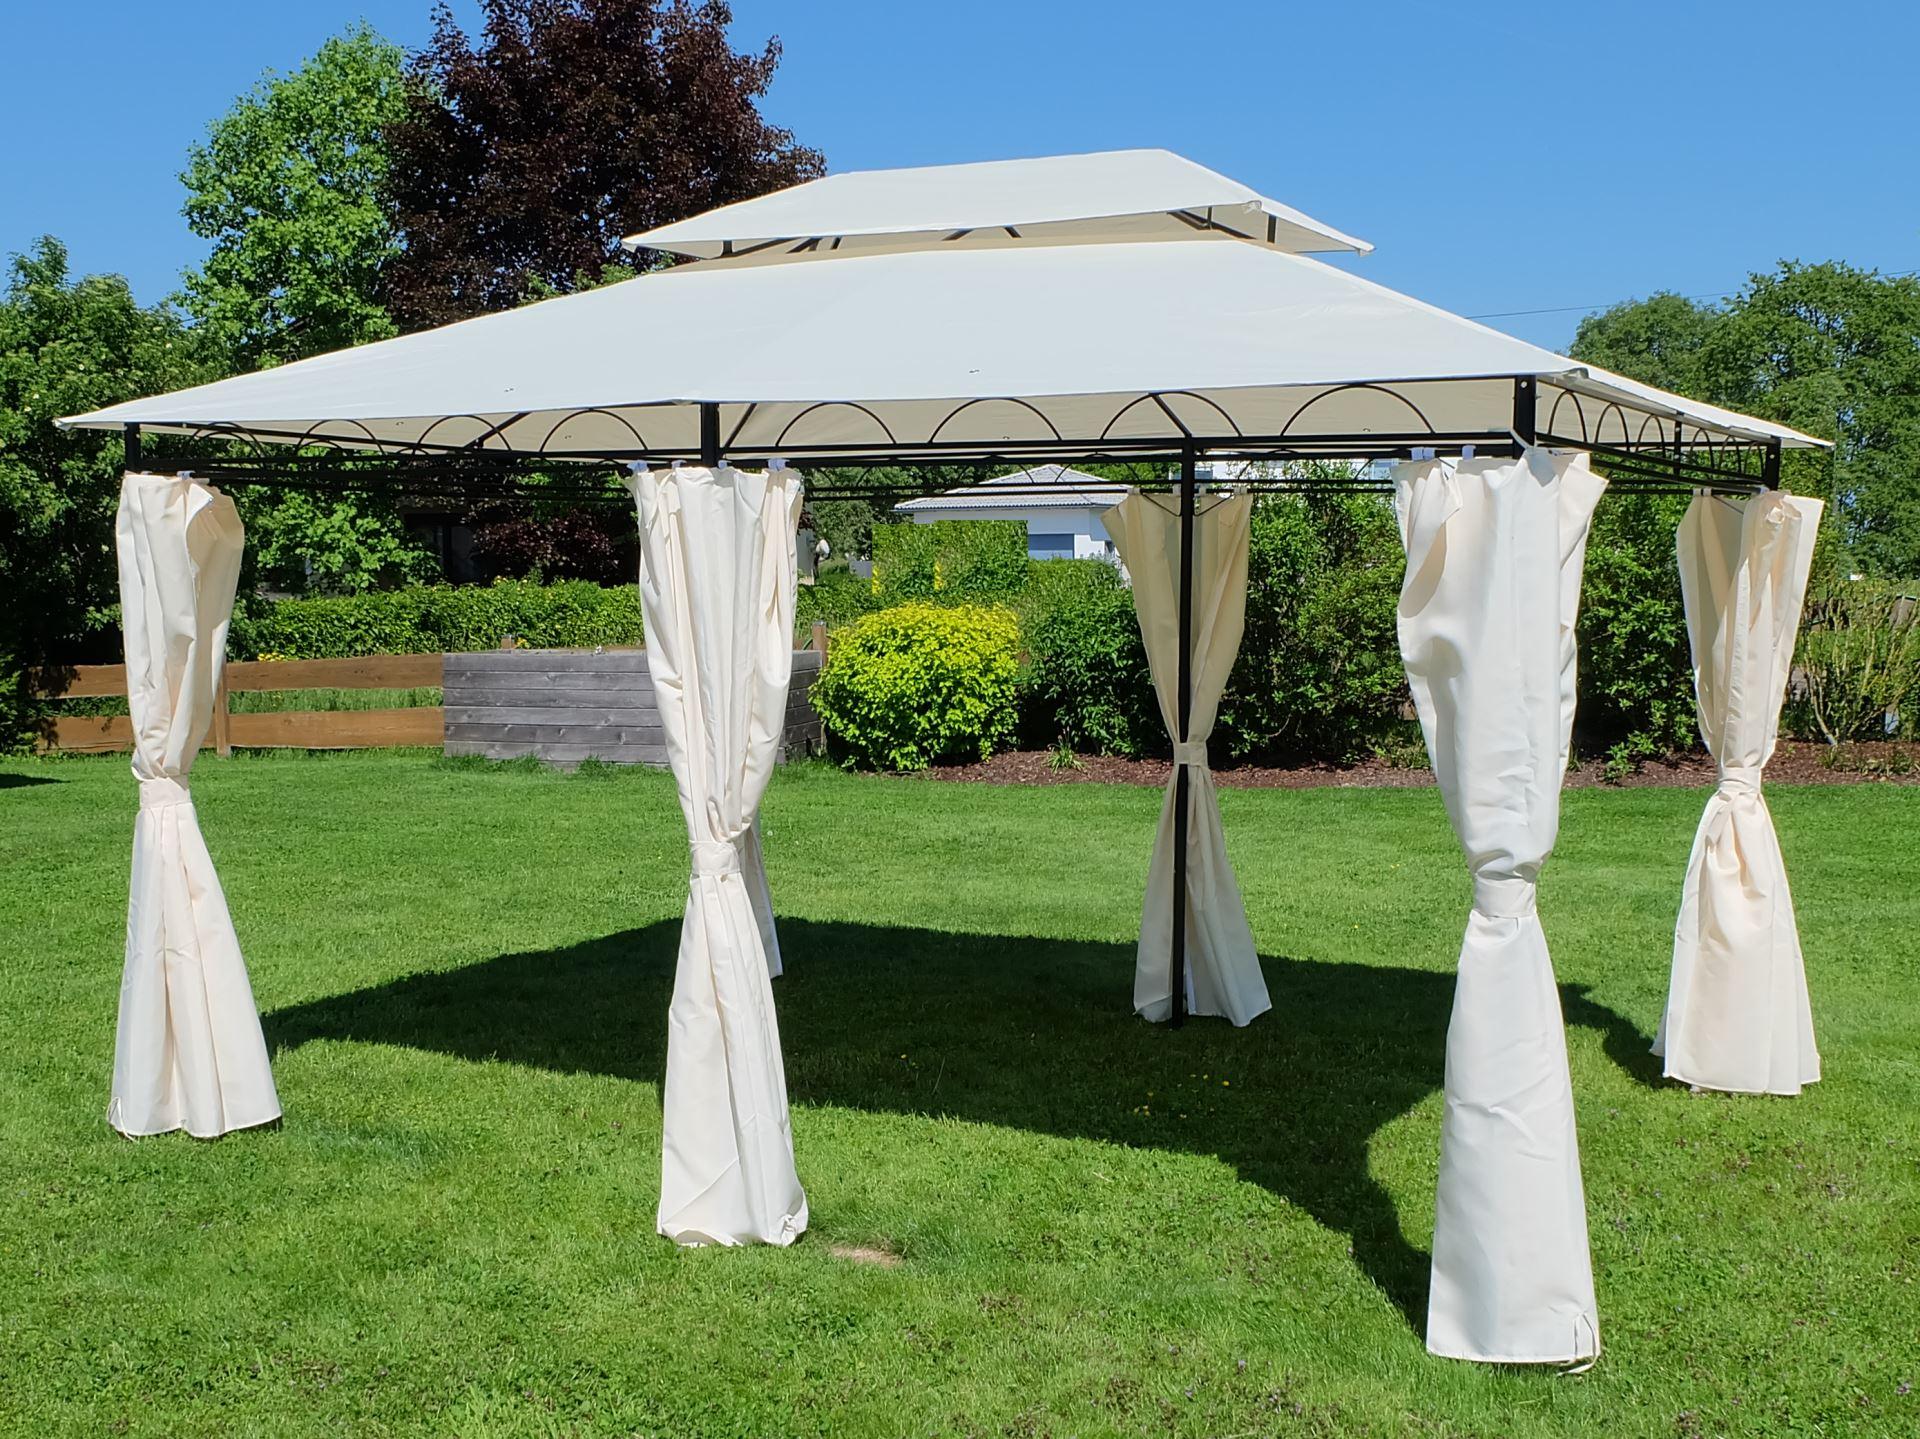 Berühmt Eleganter Garten - Pavillon 3x4 Meter, Dach 100% WASSERDICHT UV30+ #XK_48